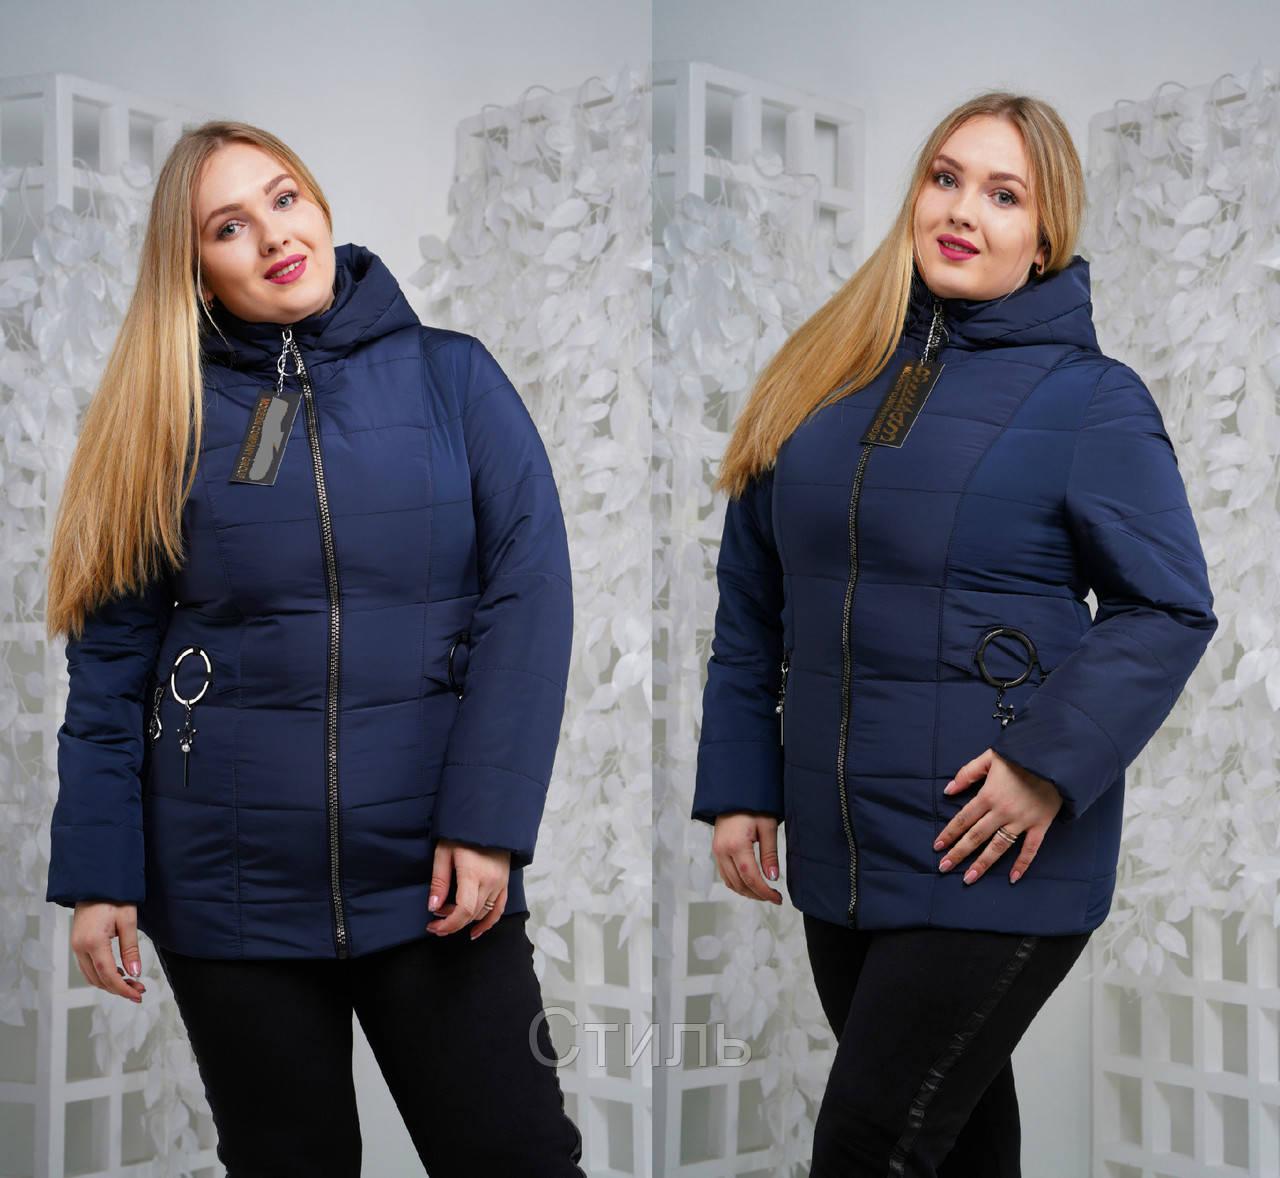 91f767fab09 Стильная женская куртка осень весна новинки  продажа